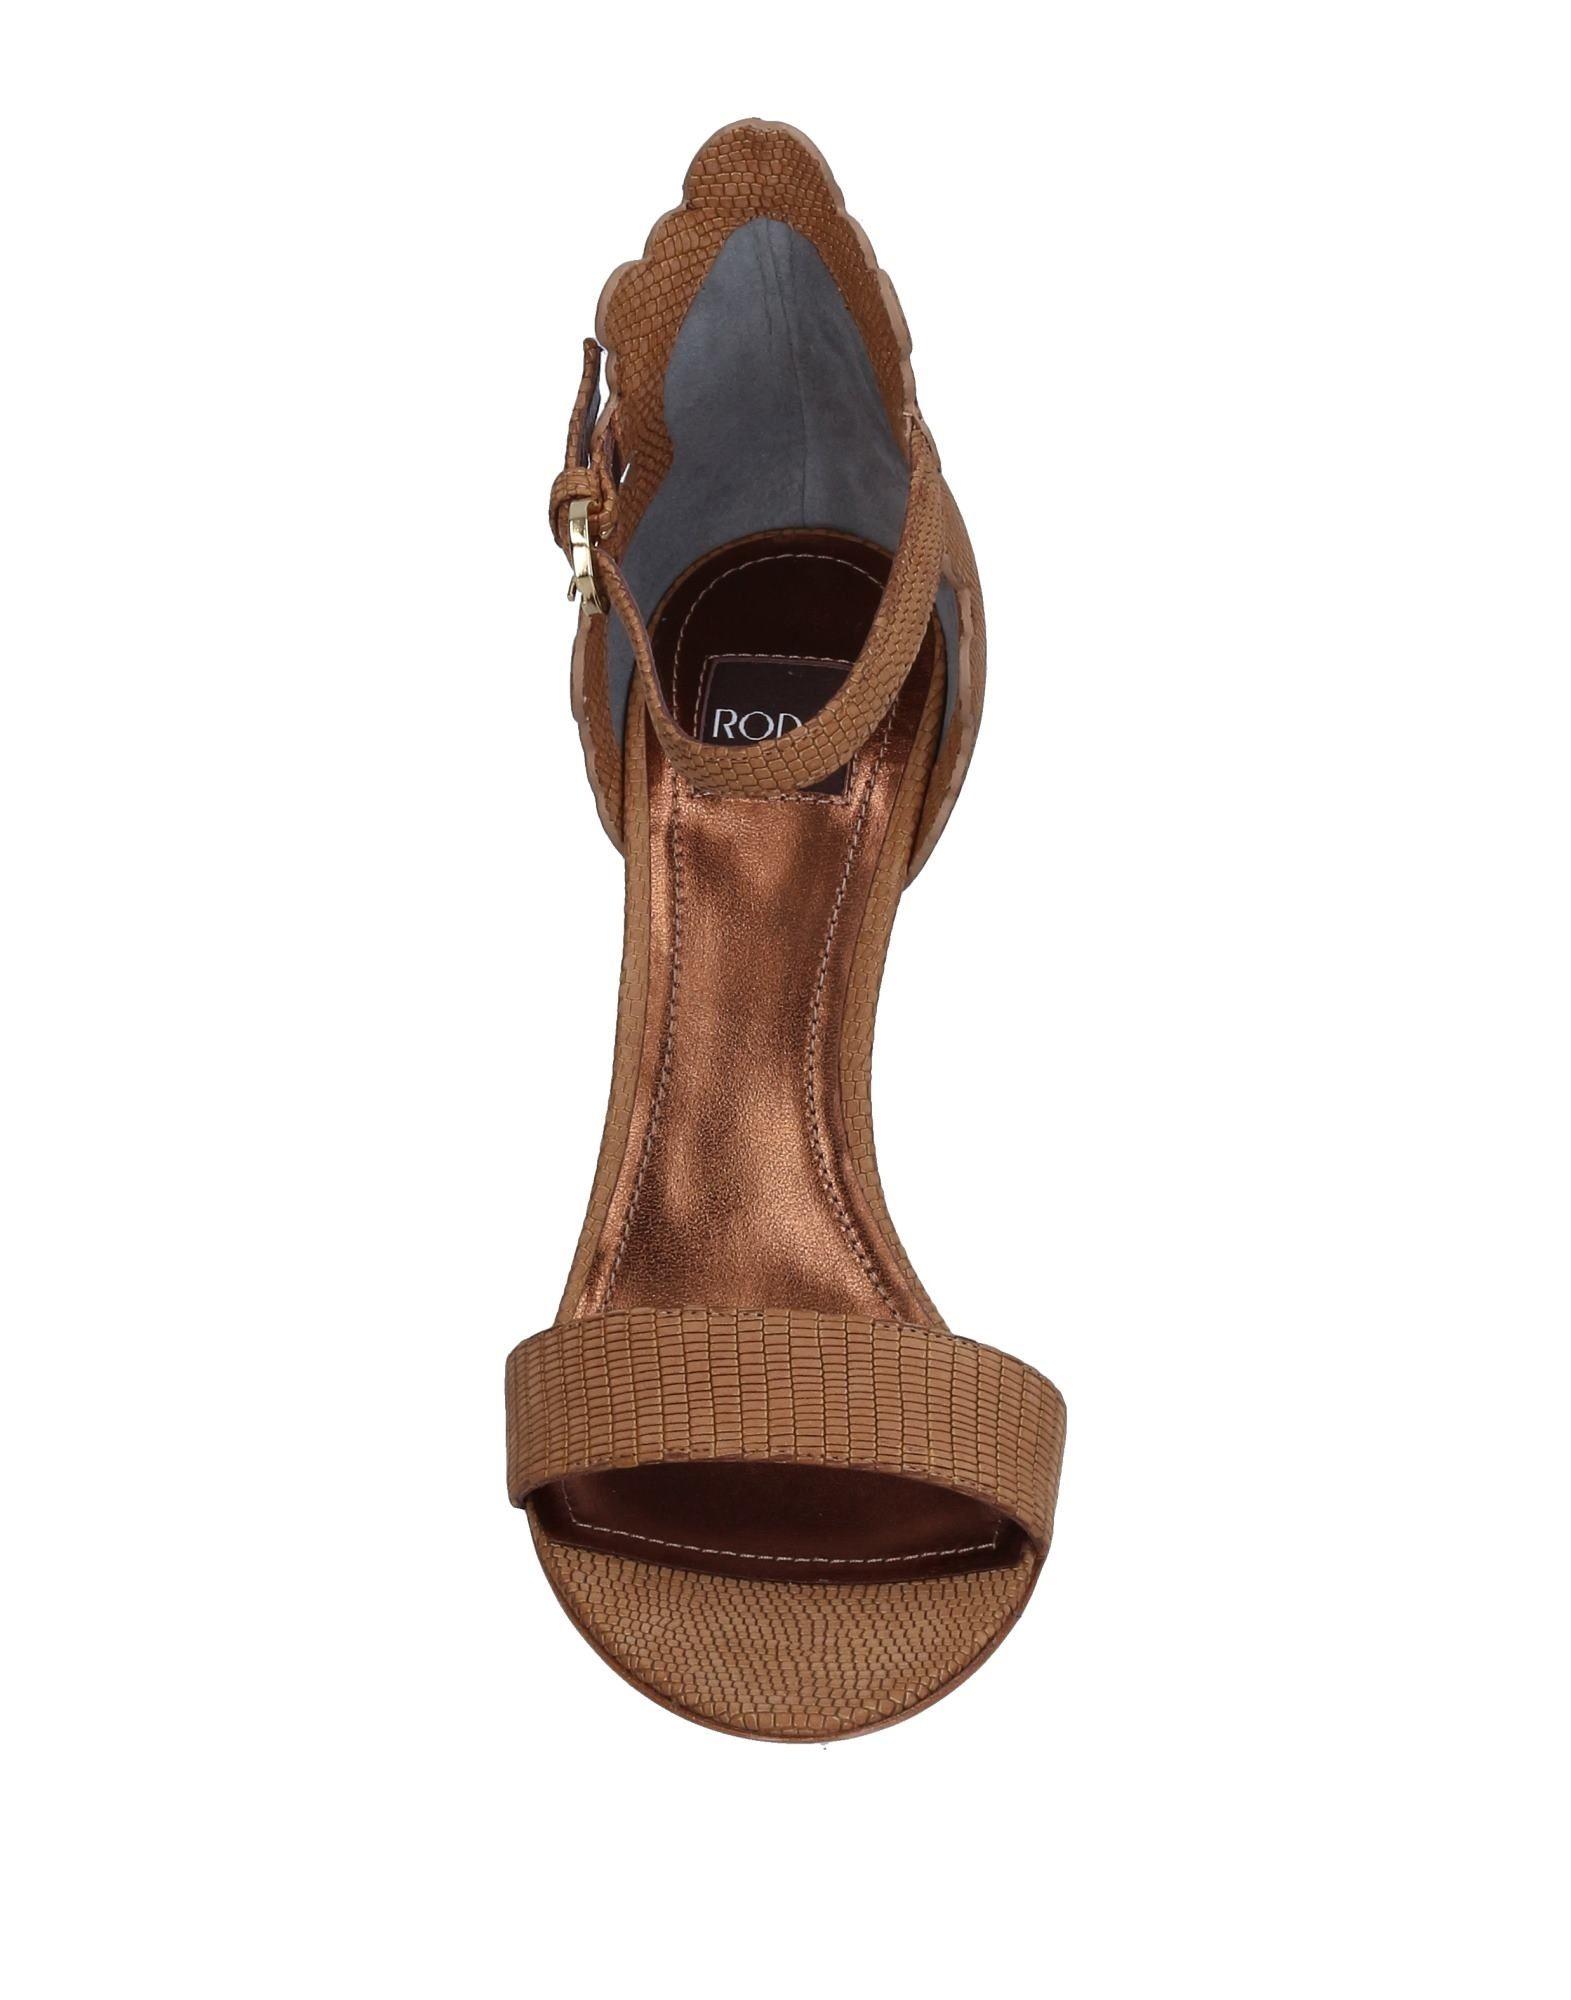 Sandales Rodo Femme - Sandales Rodo sur